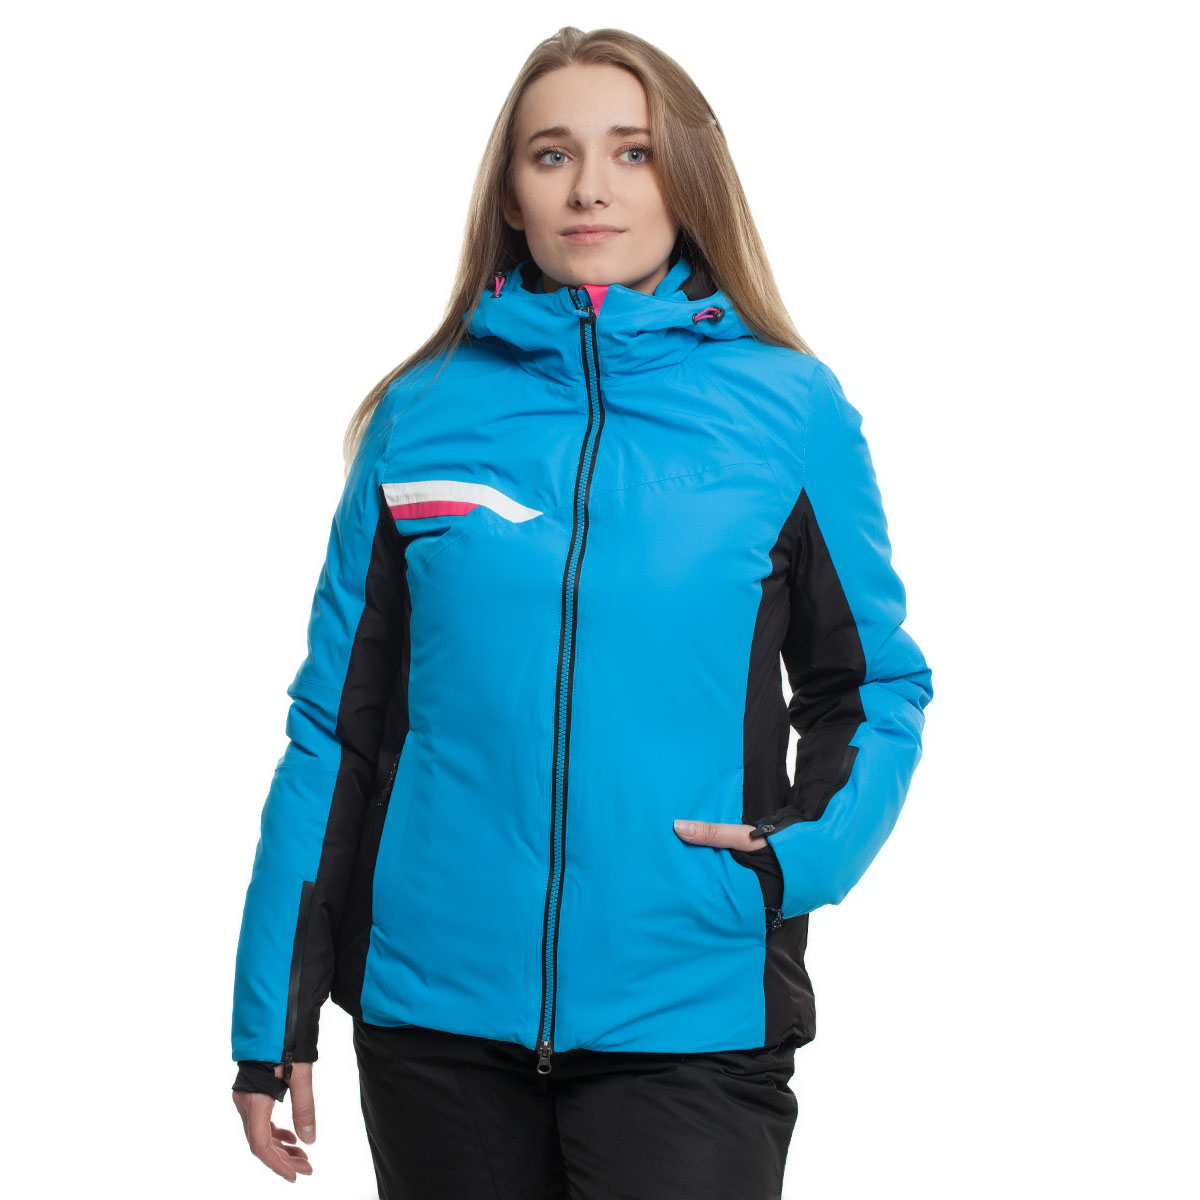 Куртка горнолыжная, WHS 578016 куртка женская oodji цвет красный 10203061 1b 45638 4500n размер 34 40 170